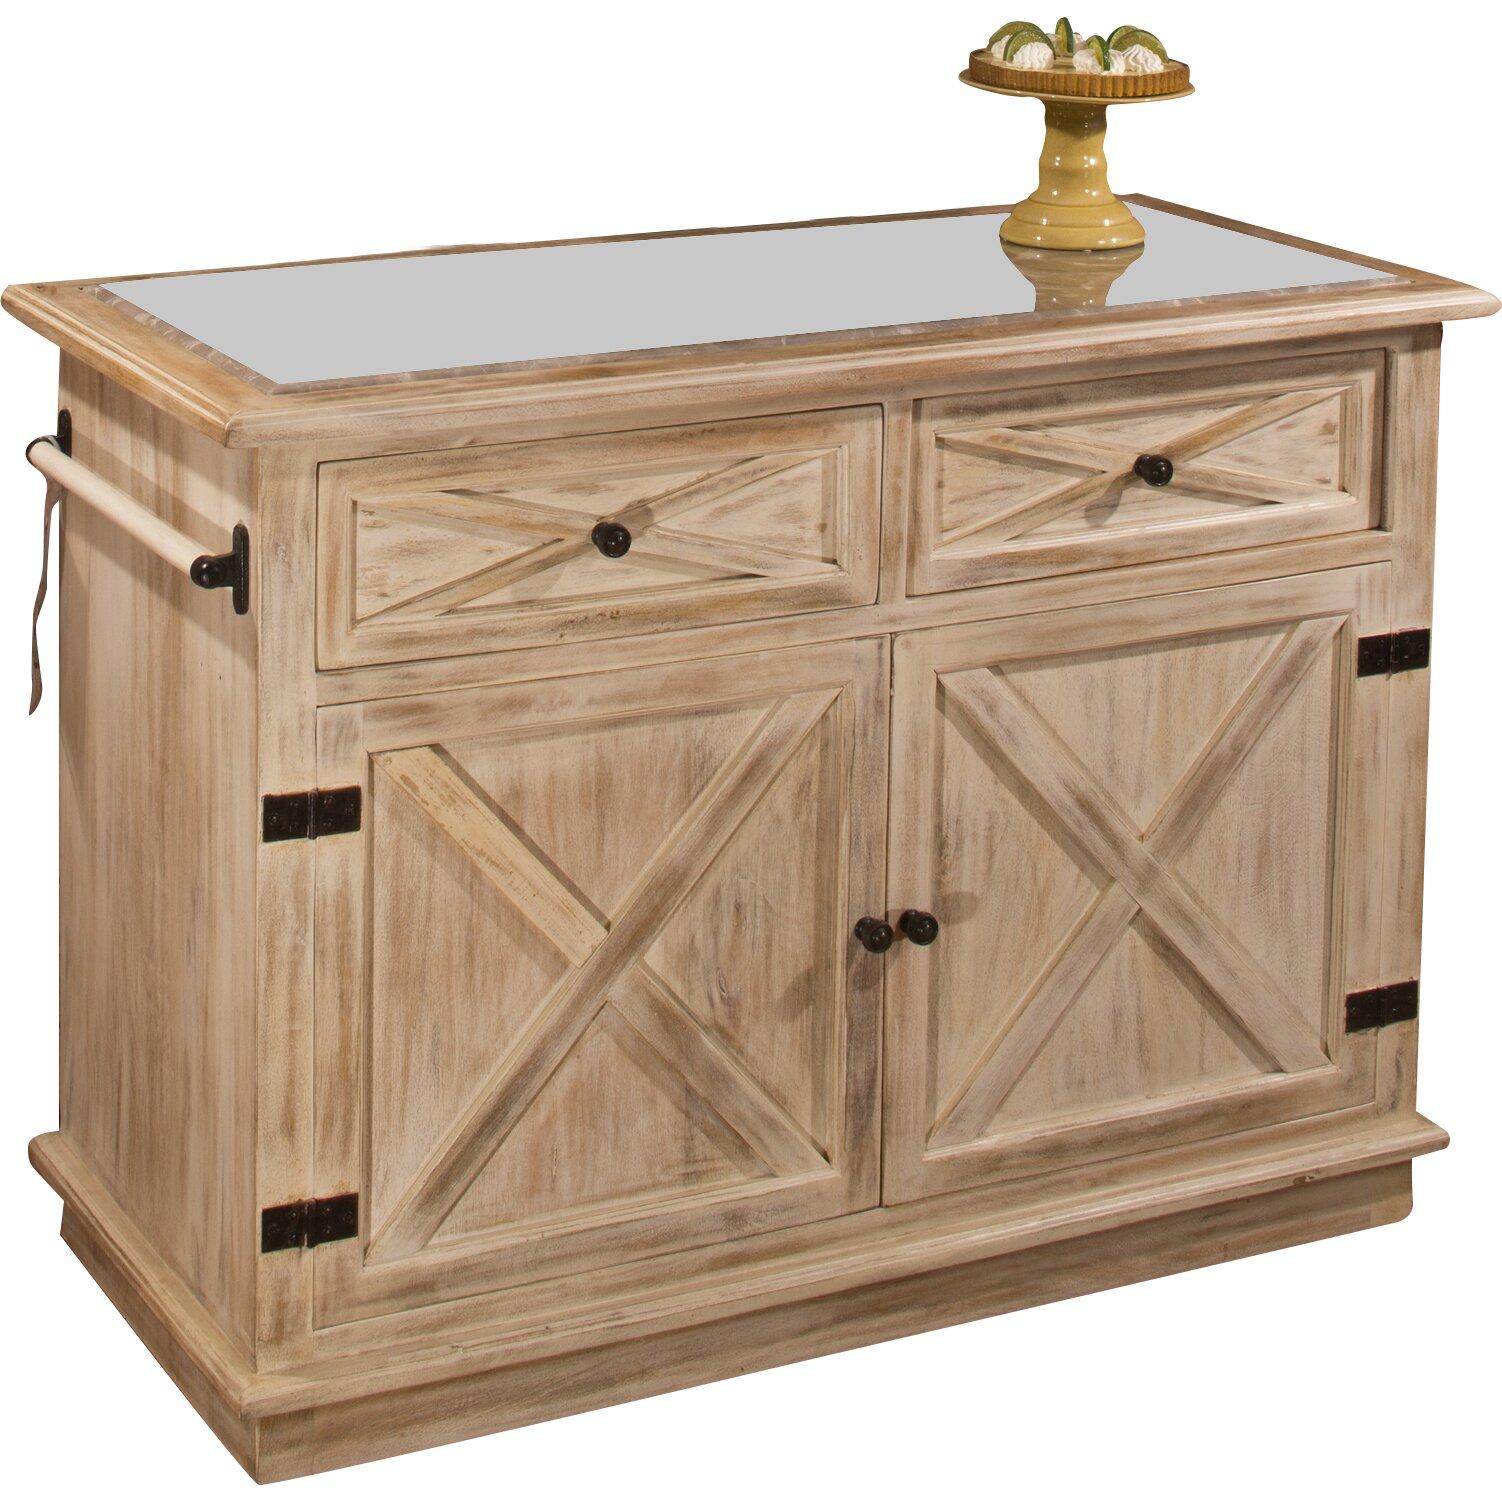 loon peak glenwood springs kitchen island with marble top